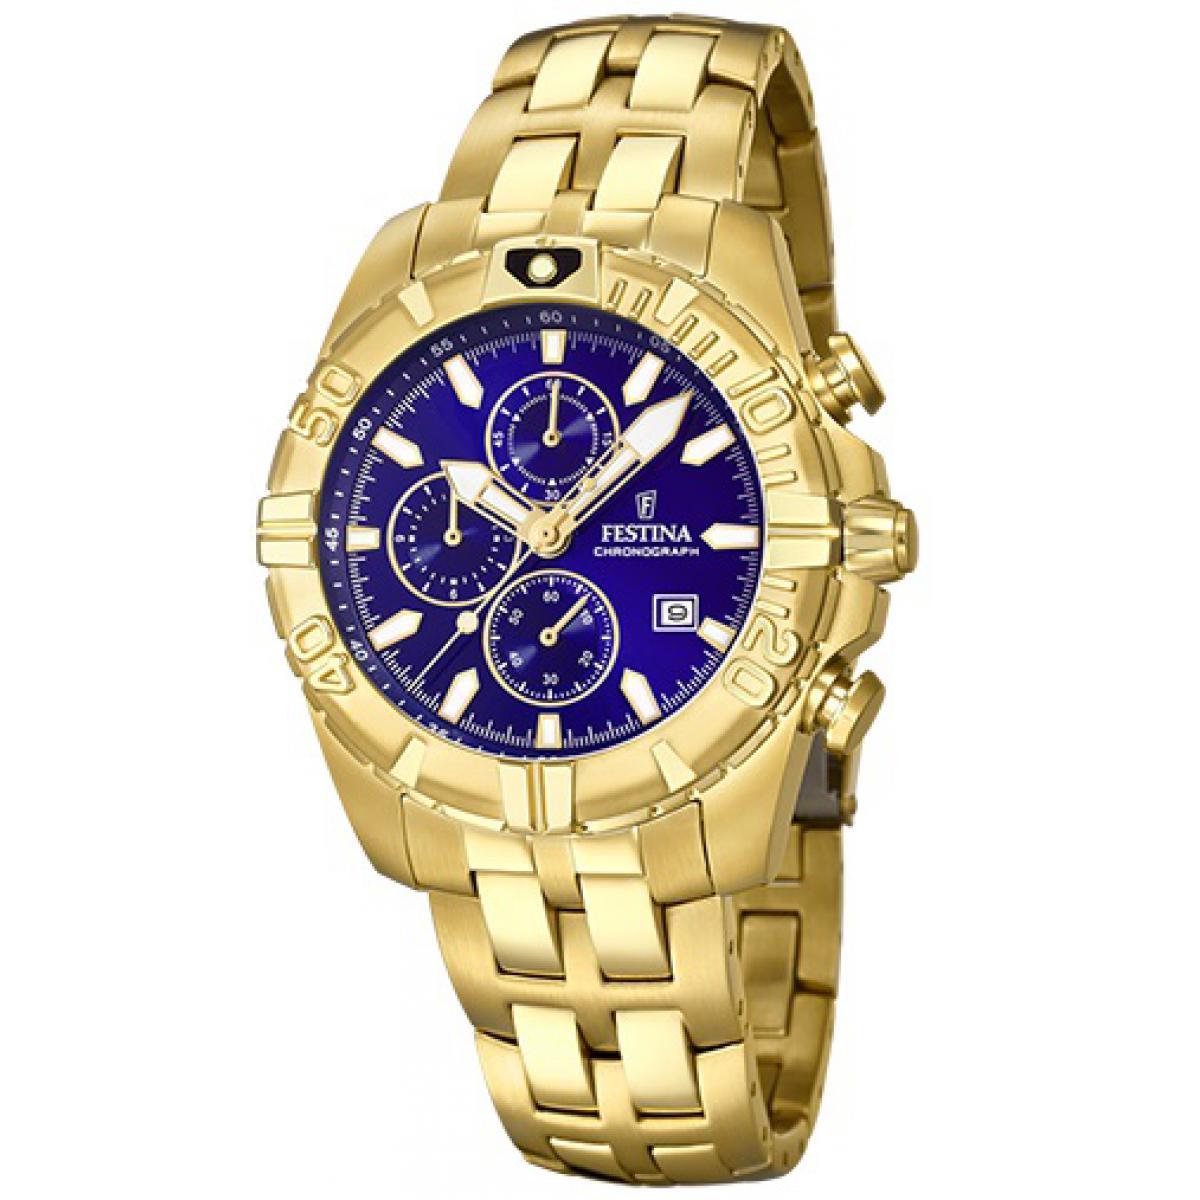 Achat montre festina homme chronographe pas cher ou d